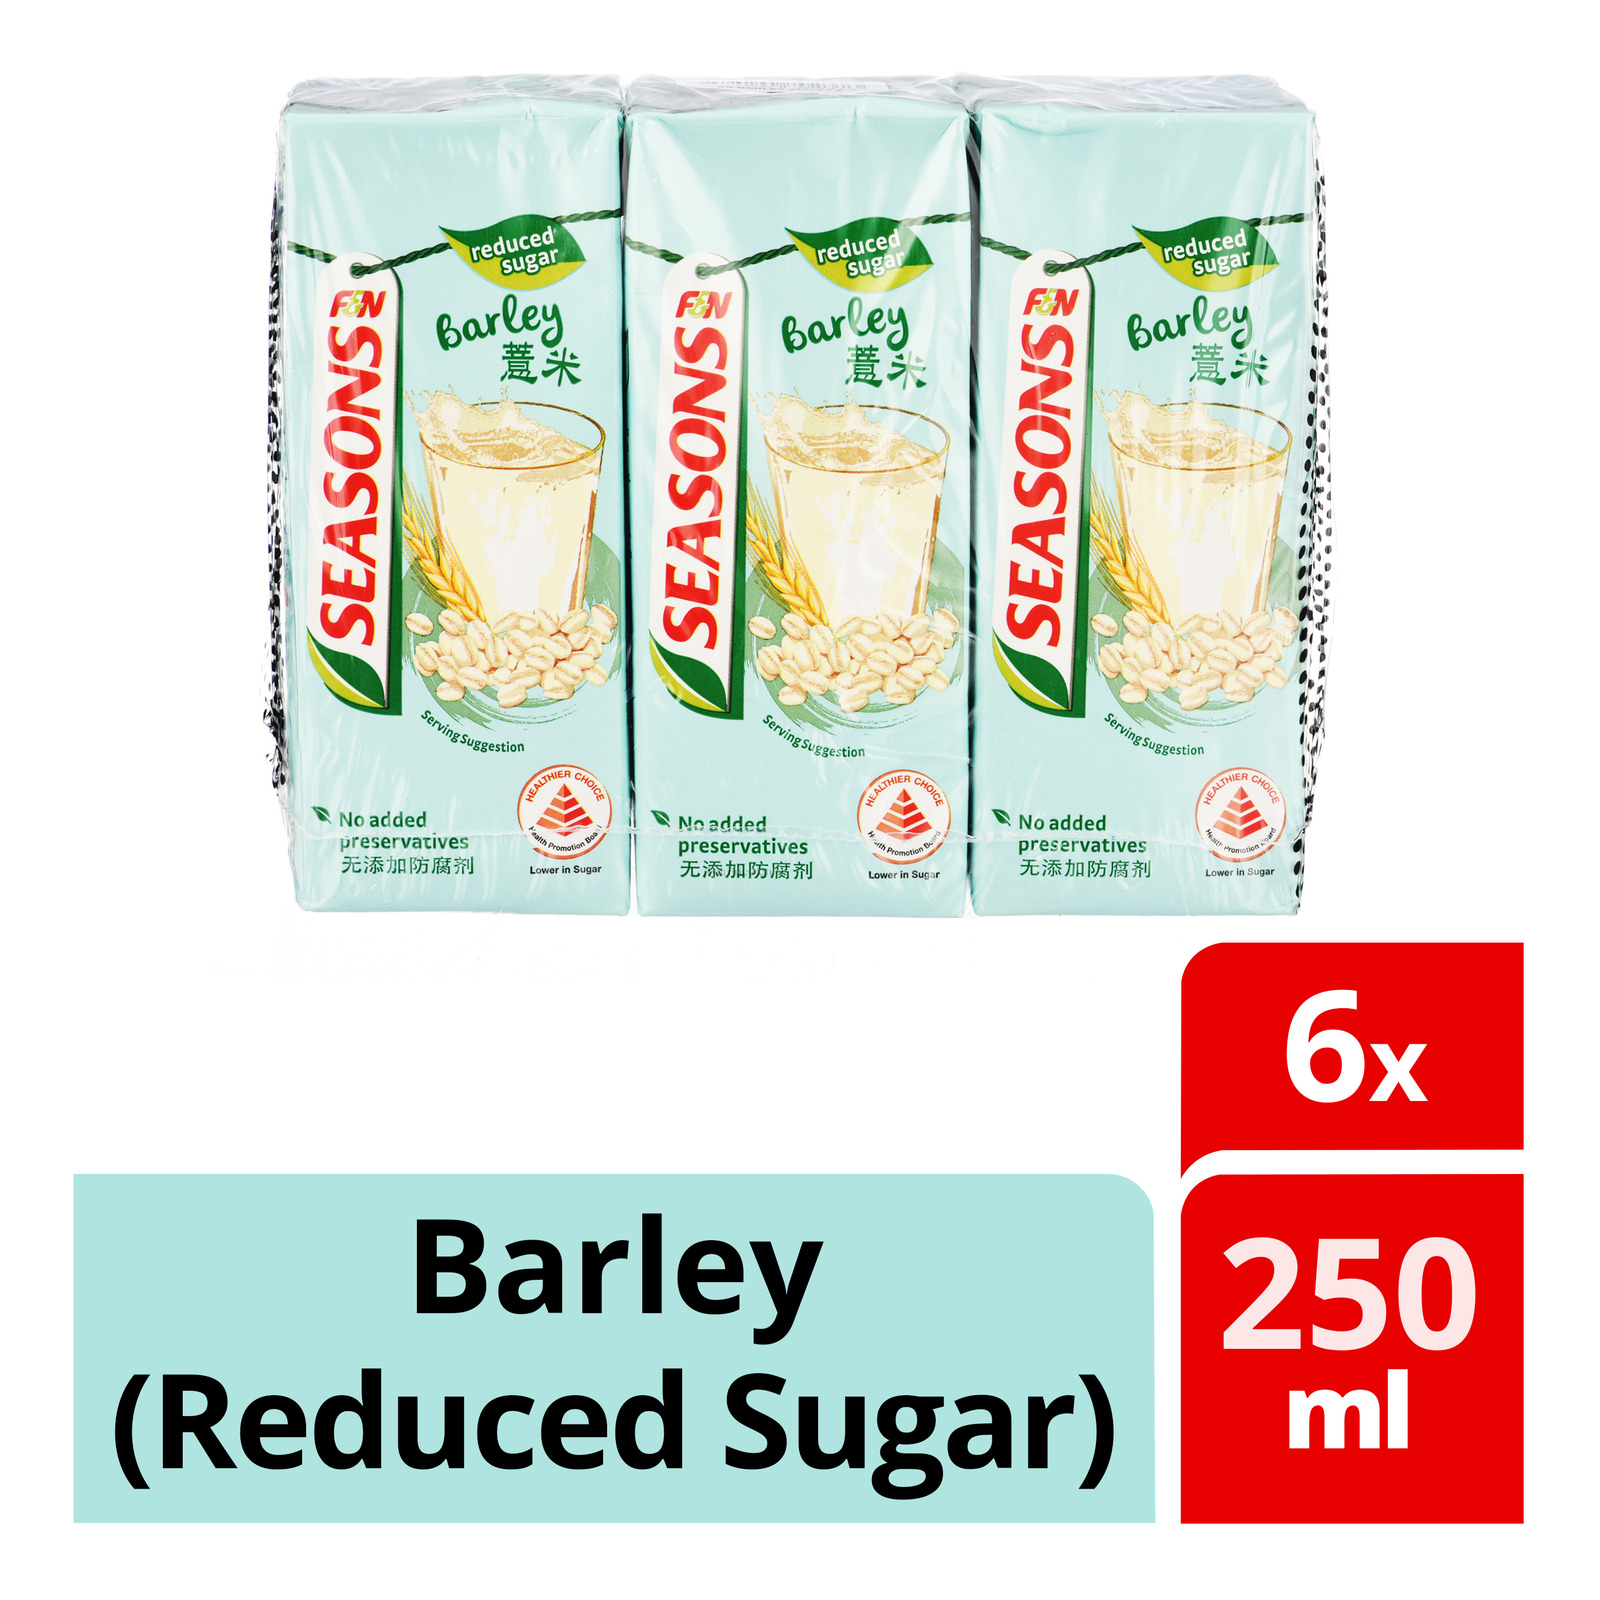 F&N Seasons Packet Drink - Barley (Reduced Sugar)